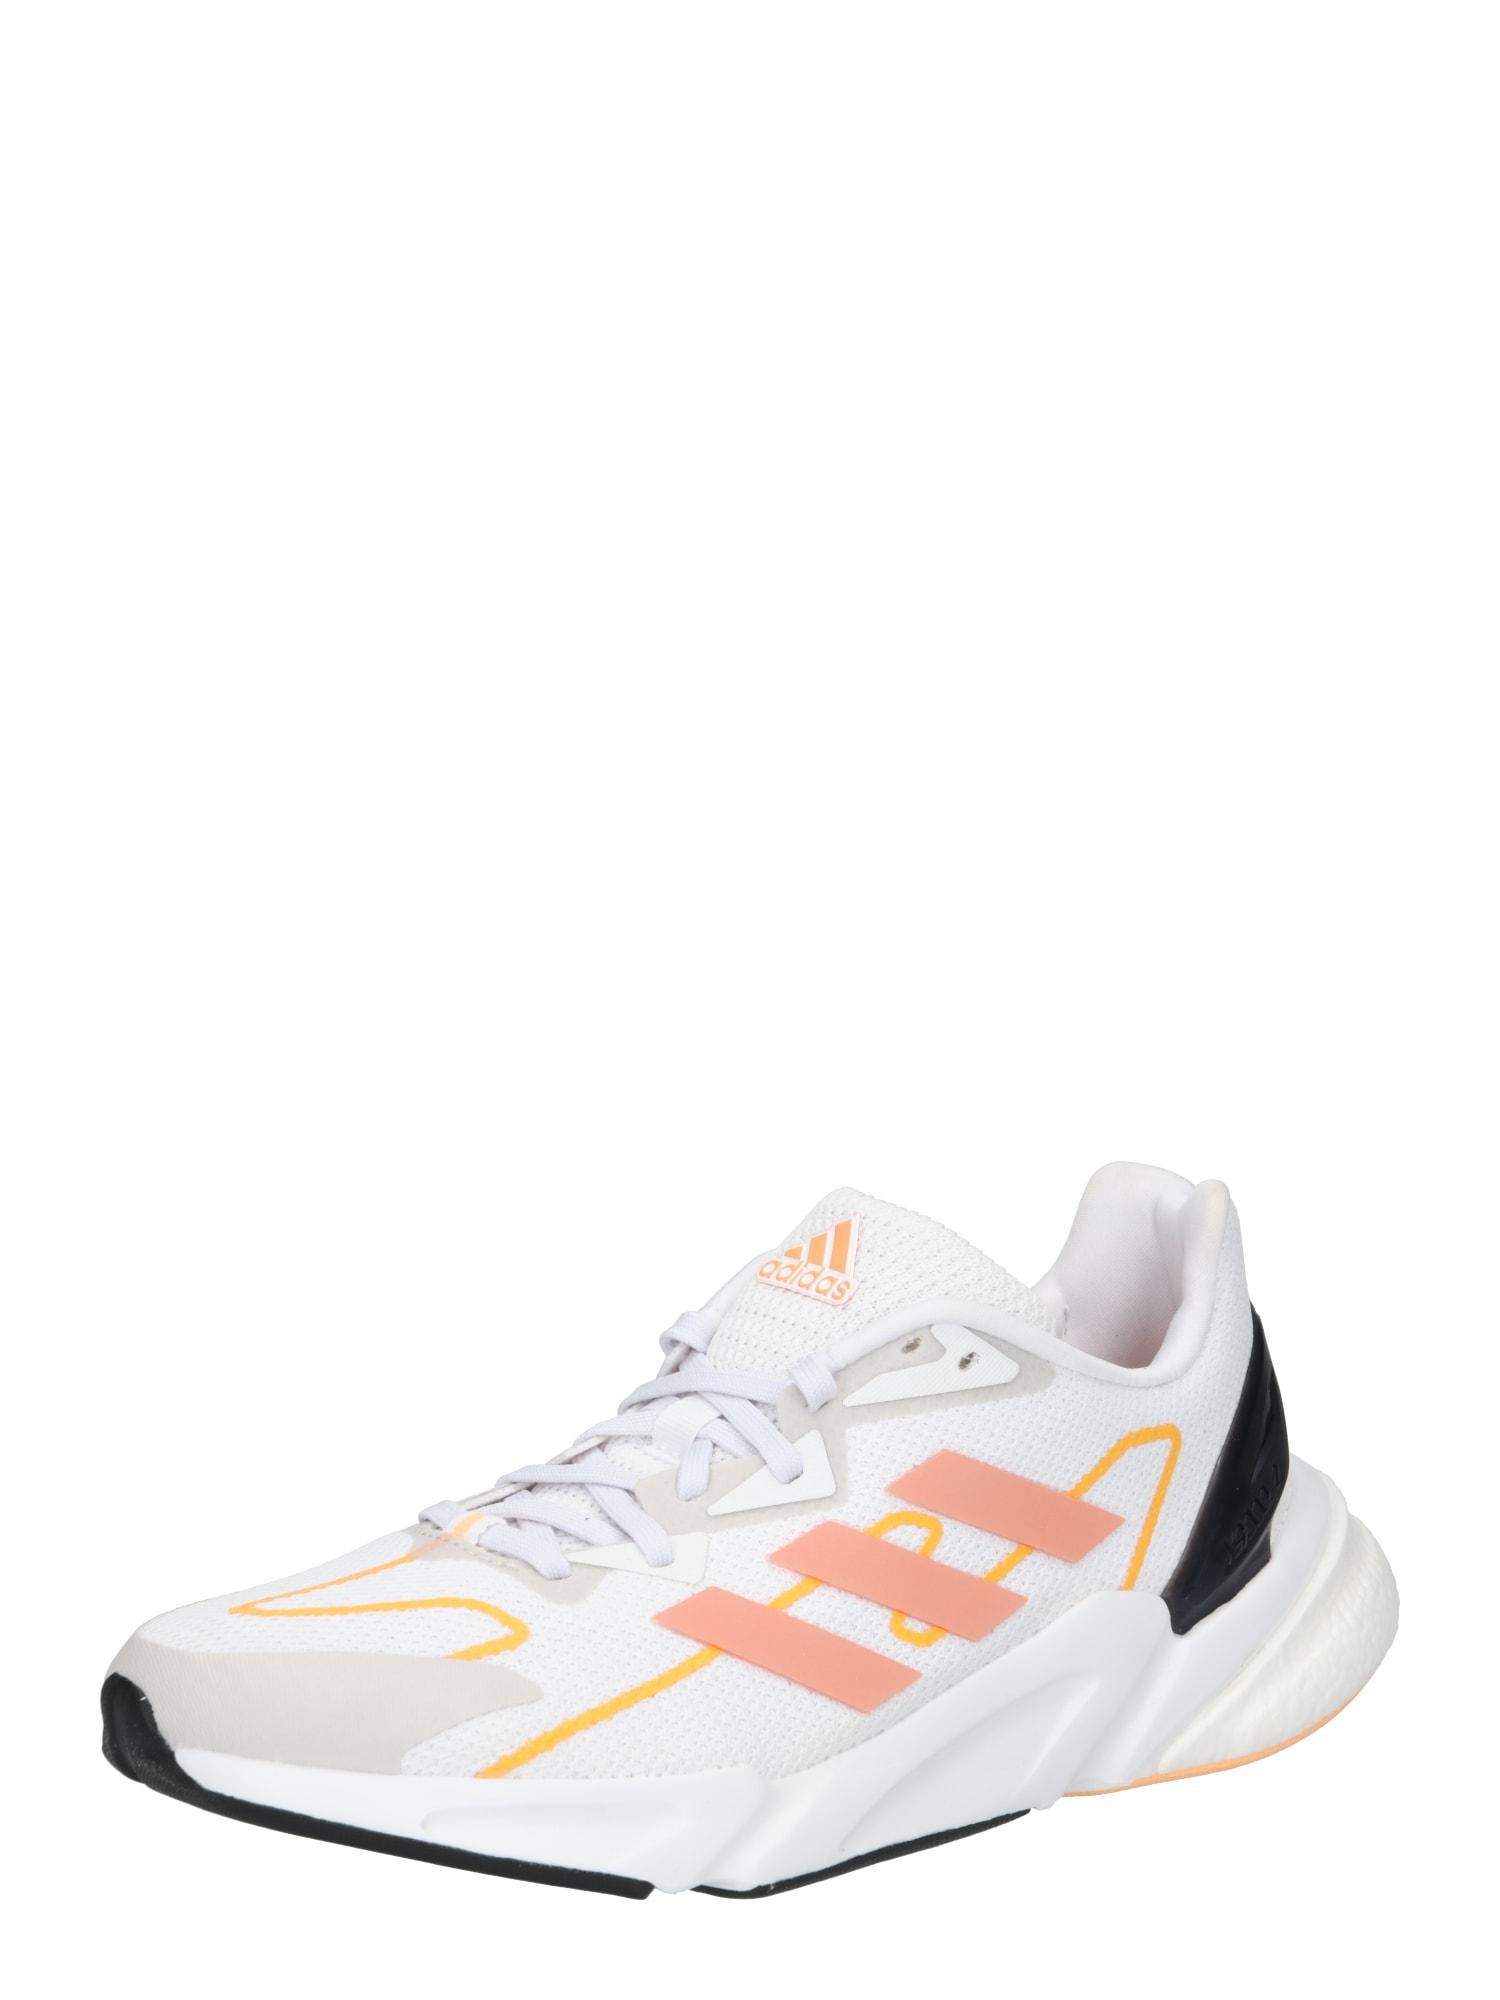 ADIDAS PERFORMANCE Bėgimo batai balta / oranžinė / juoda